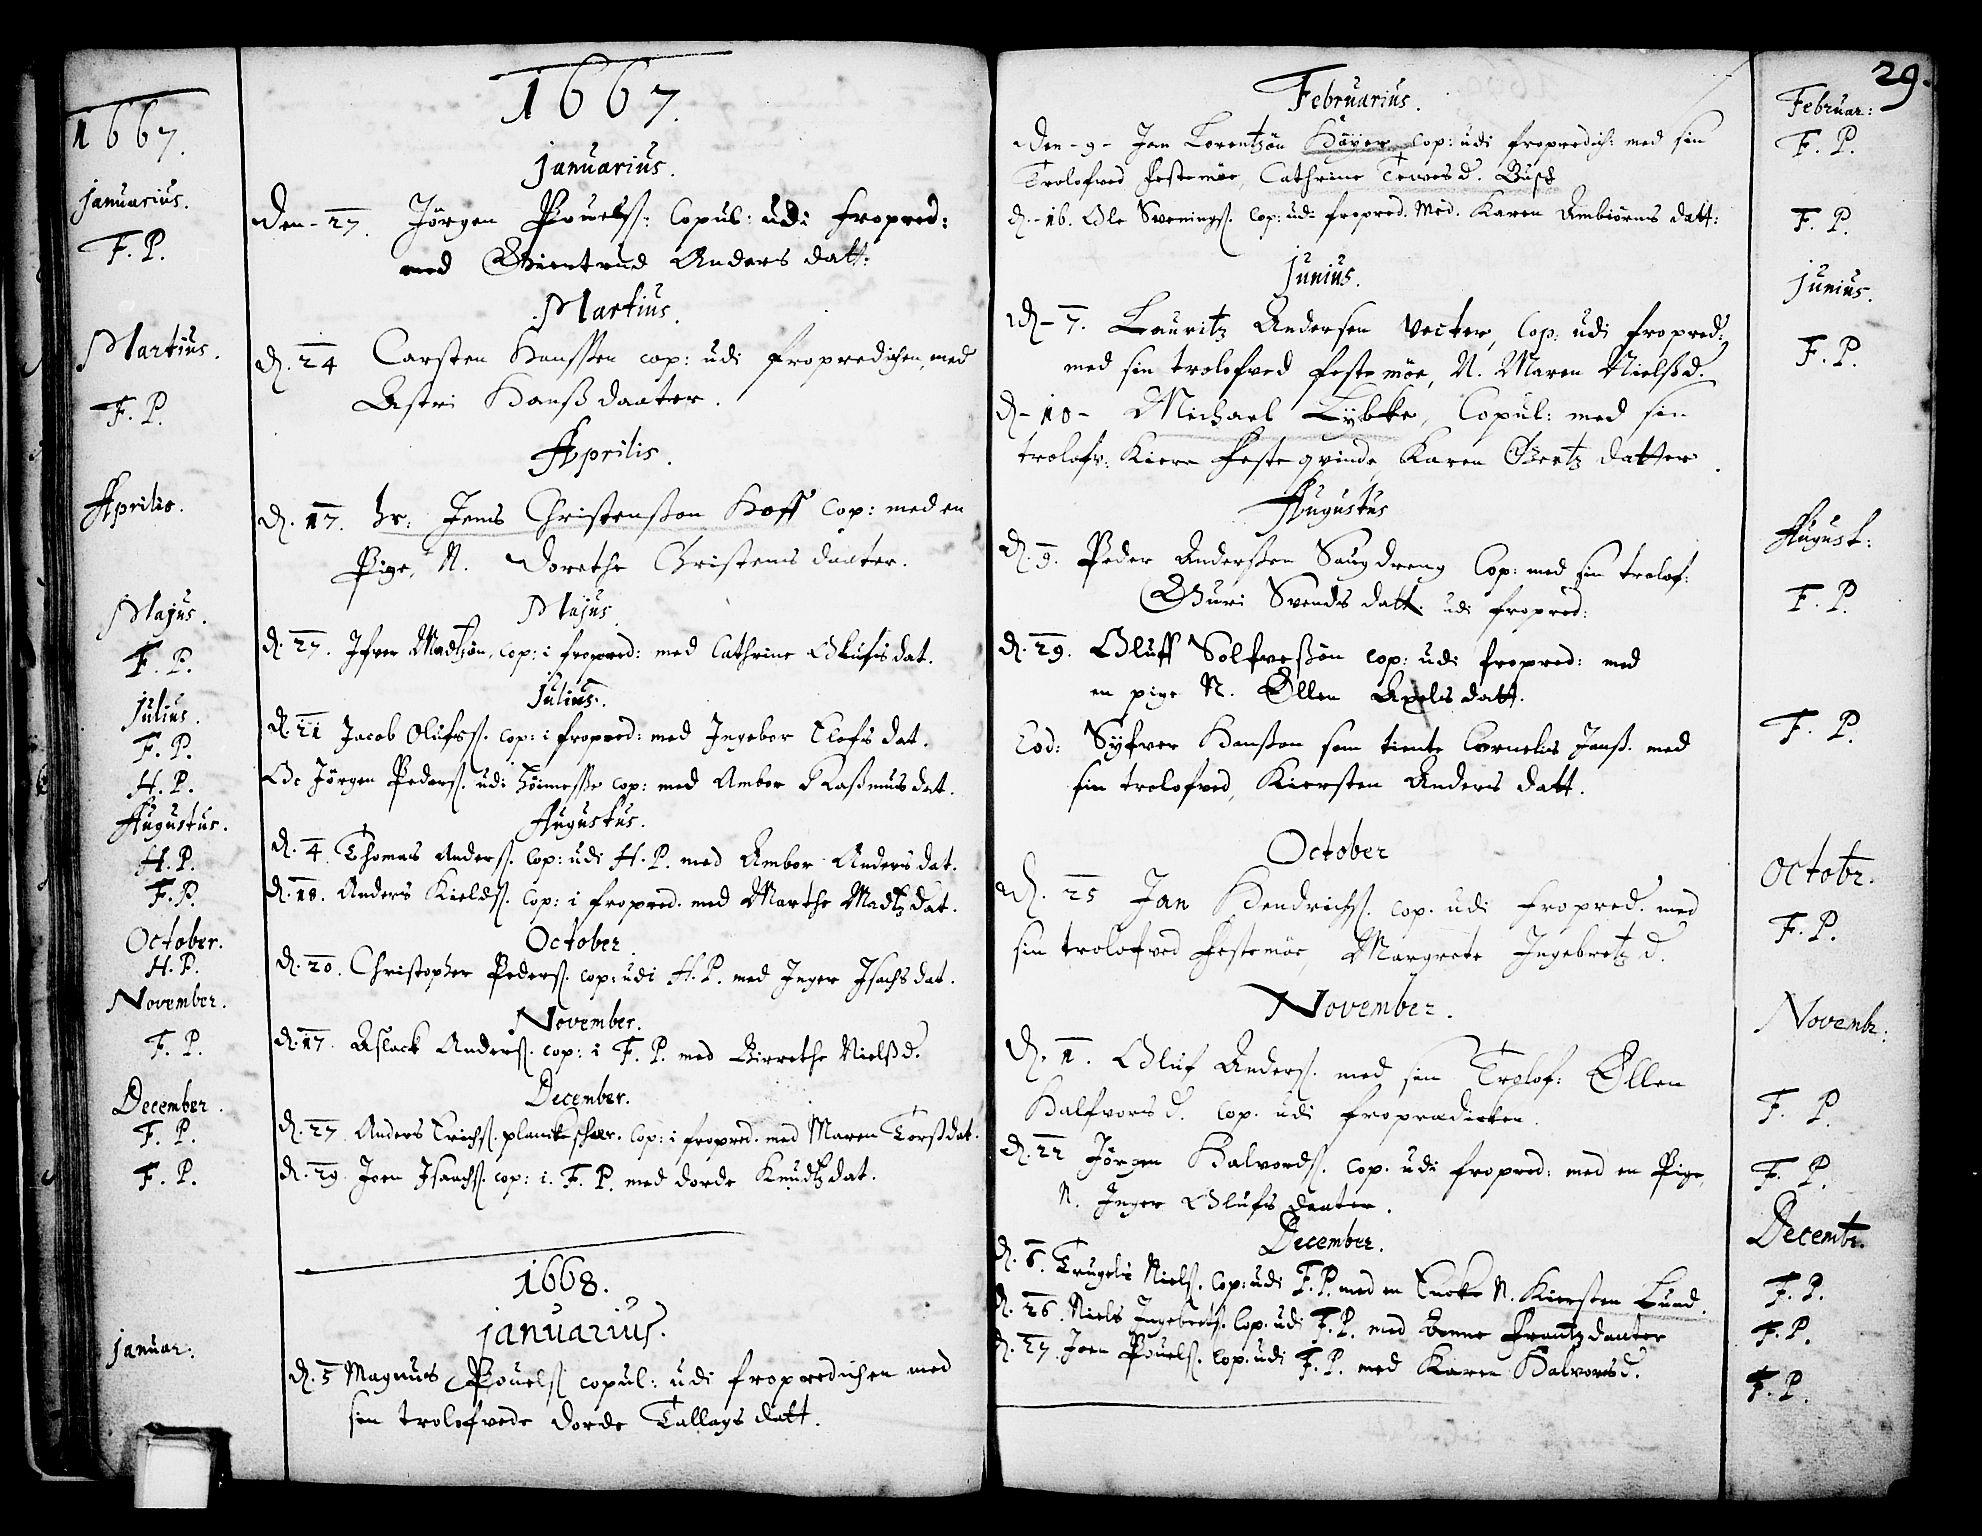 SAKO, Skien kirkebøker, F/Fa/L0001: Ministerialbok nr. 1, 1659-1679, s. 29